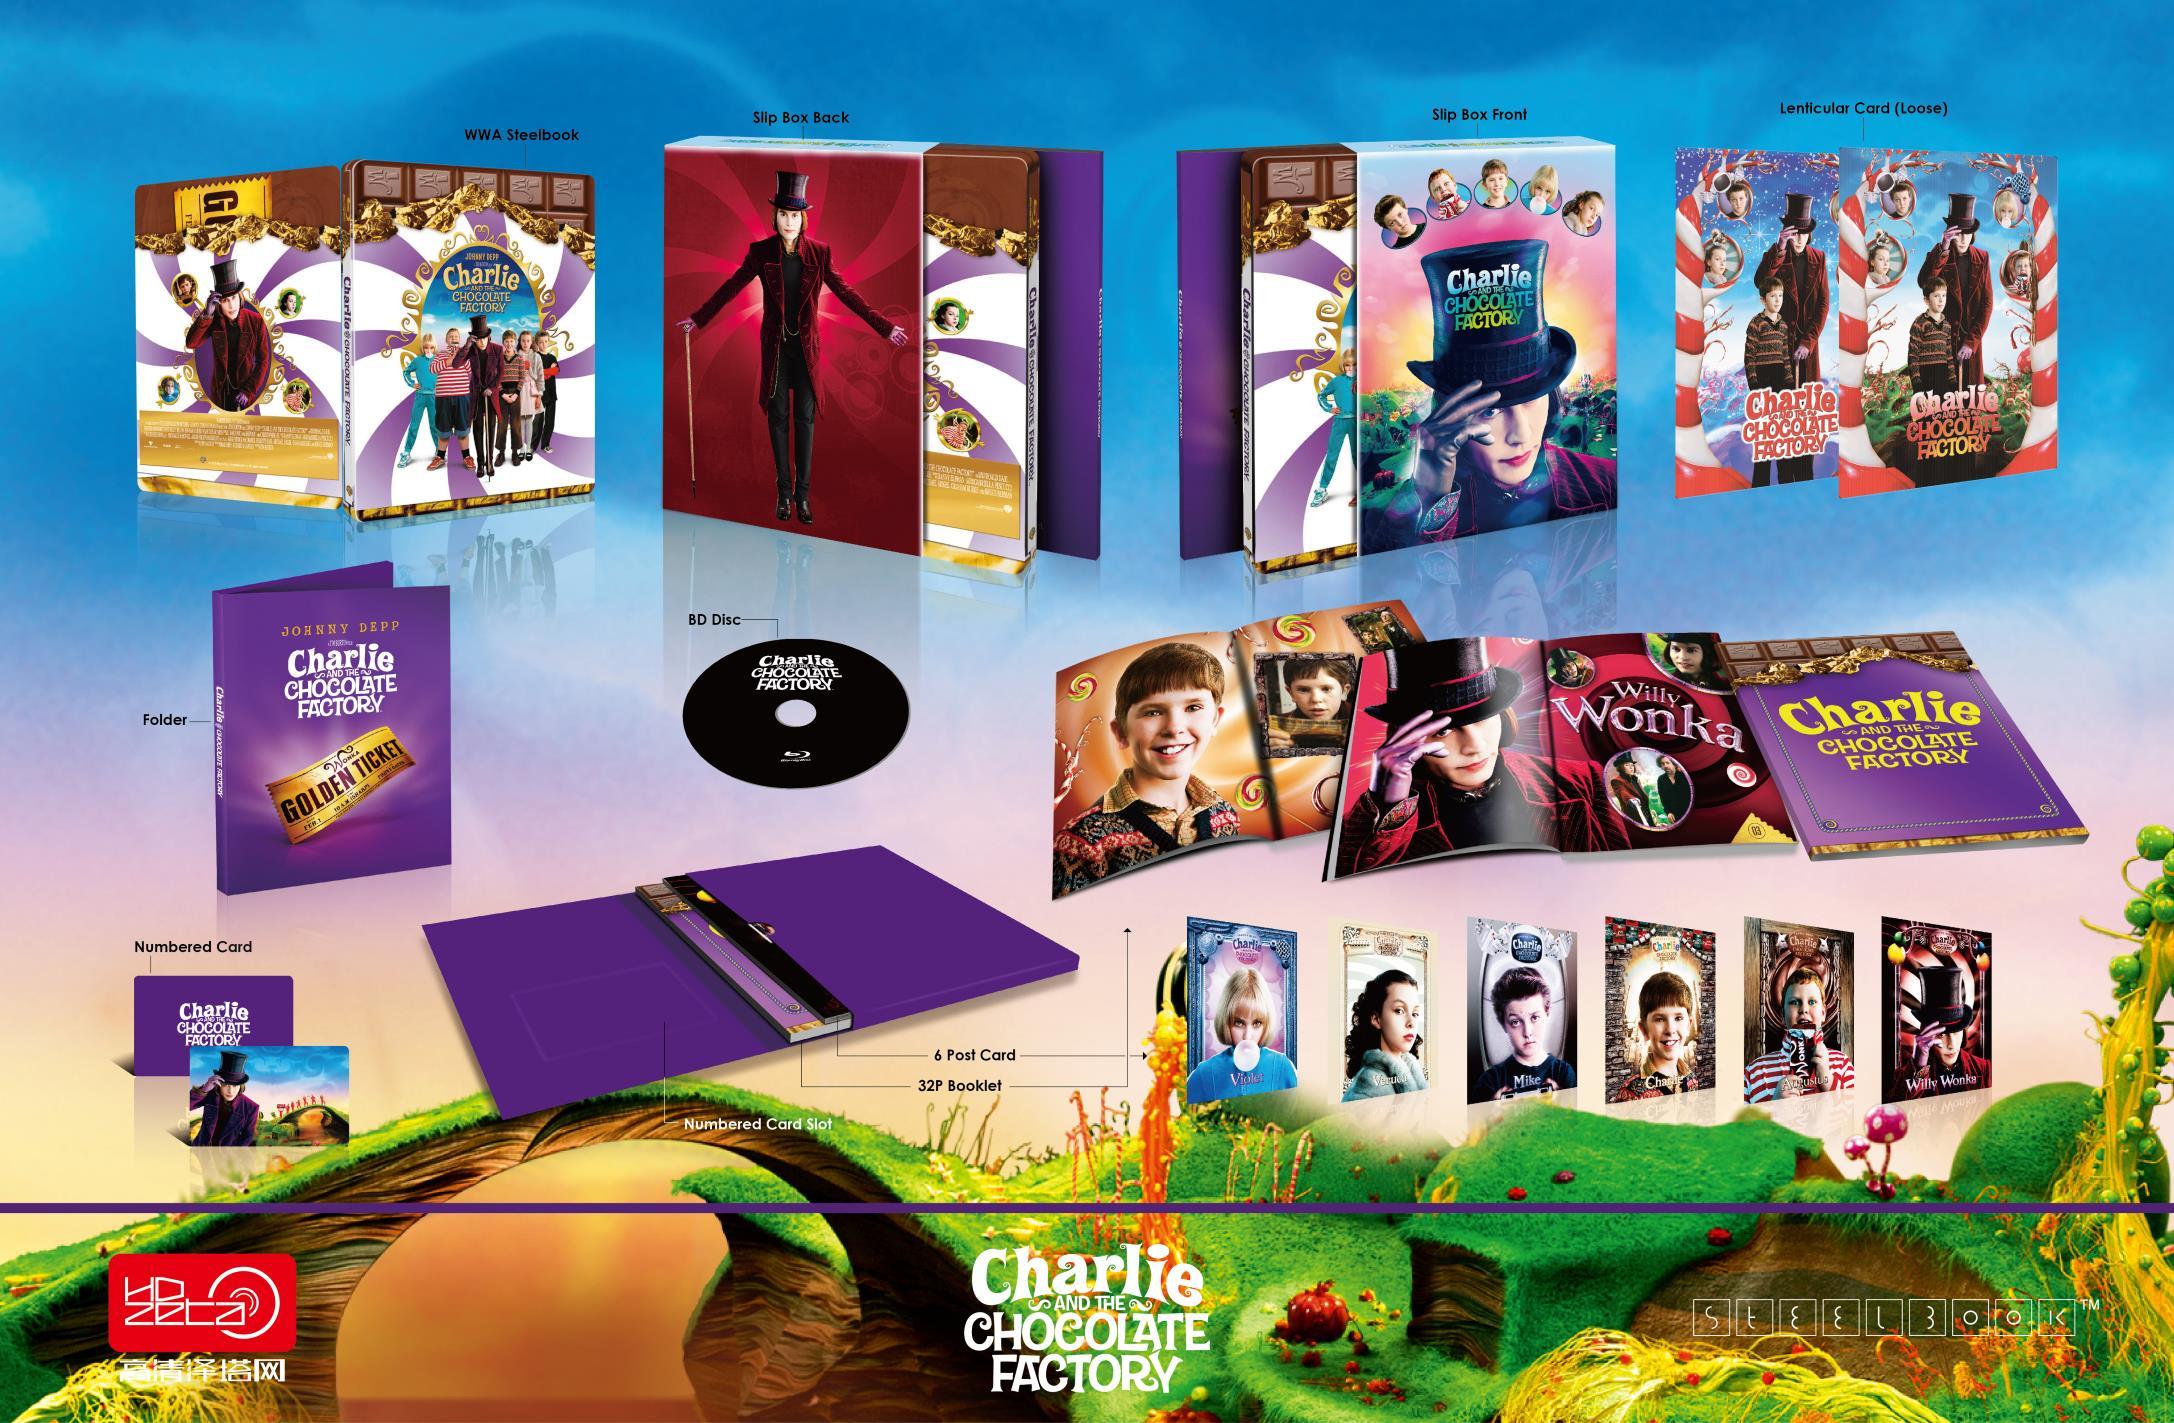 チャーリーとチョコレート工場 スチールブック Charlie and the Chocolate Factory HDZeta steelbook